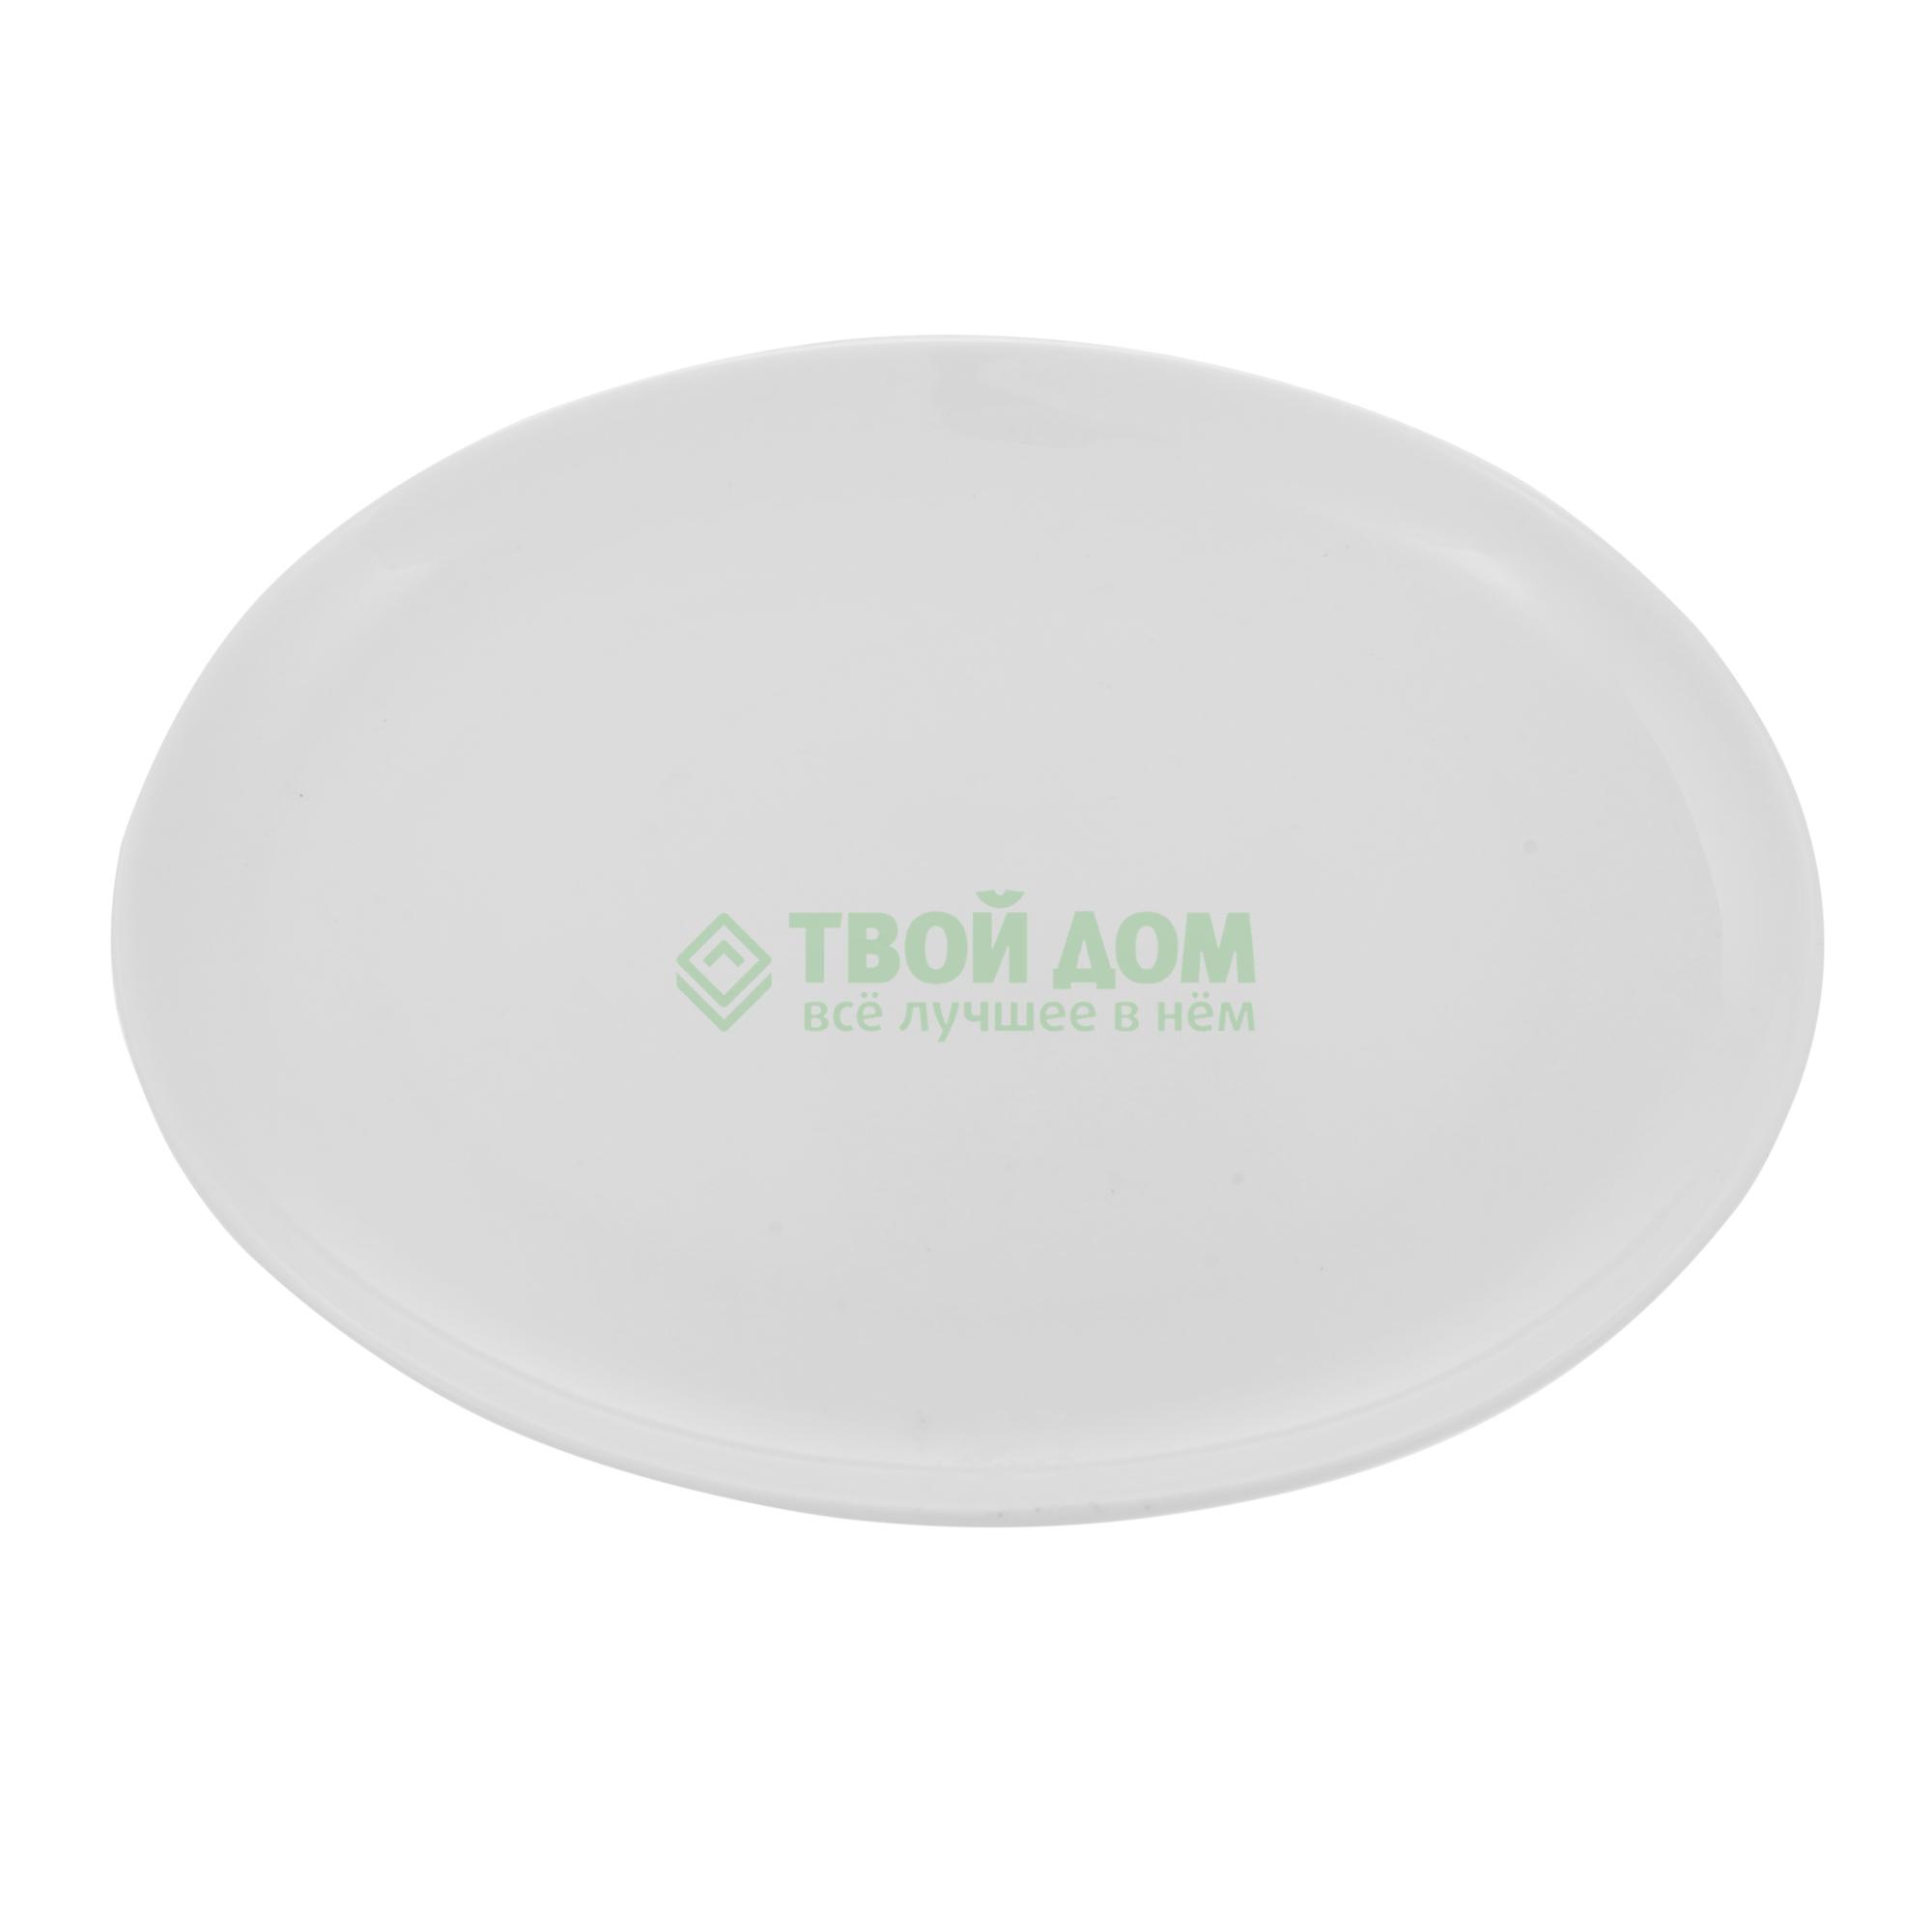 Фото - Тарелка Asa Selection A Table 25 см тарелка asa selection a table 25 см